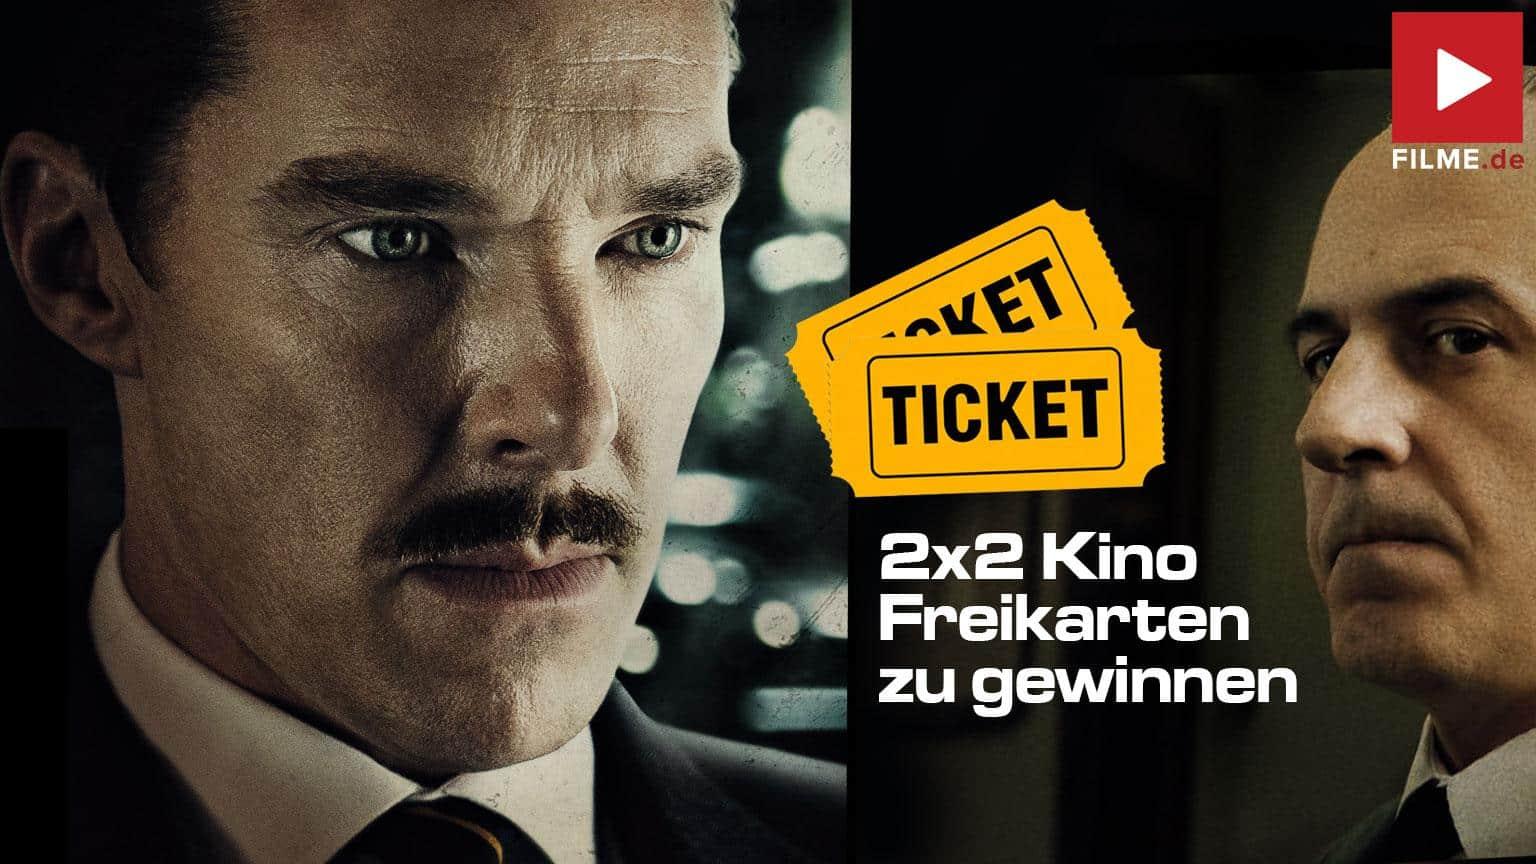 DER SPION Film 2021 Kinofilm Gewinnspiel gewinnen Freikarten Artikelbild